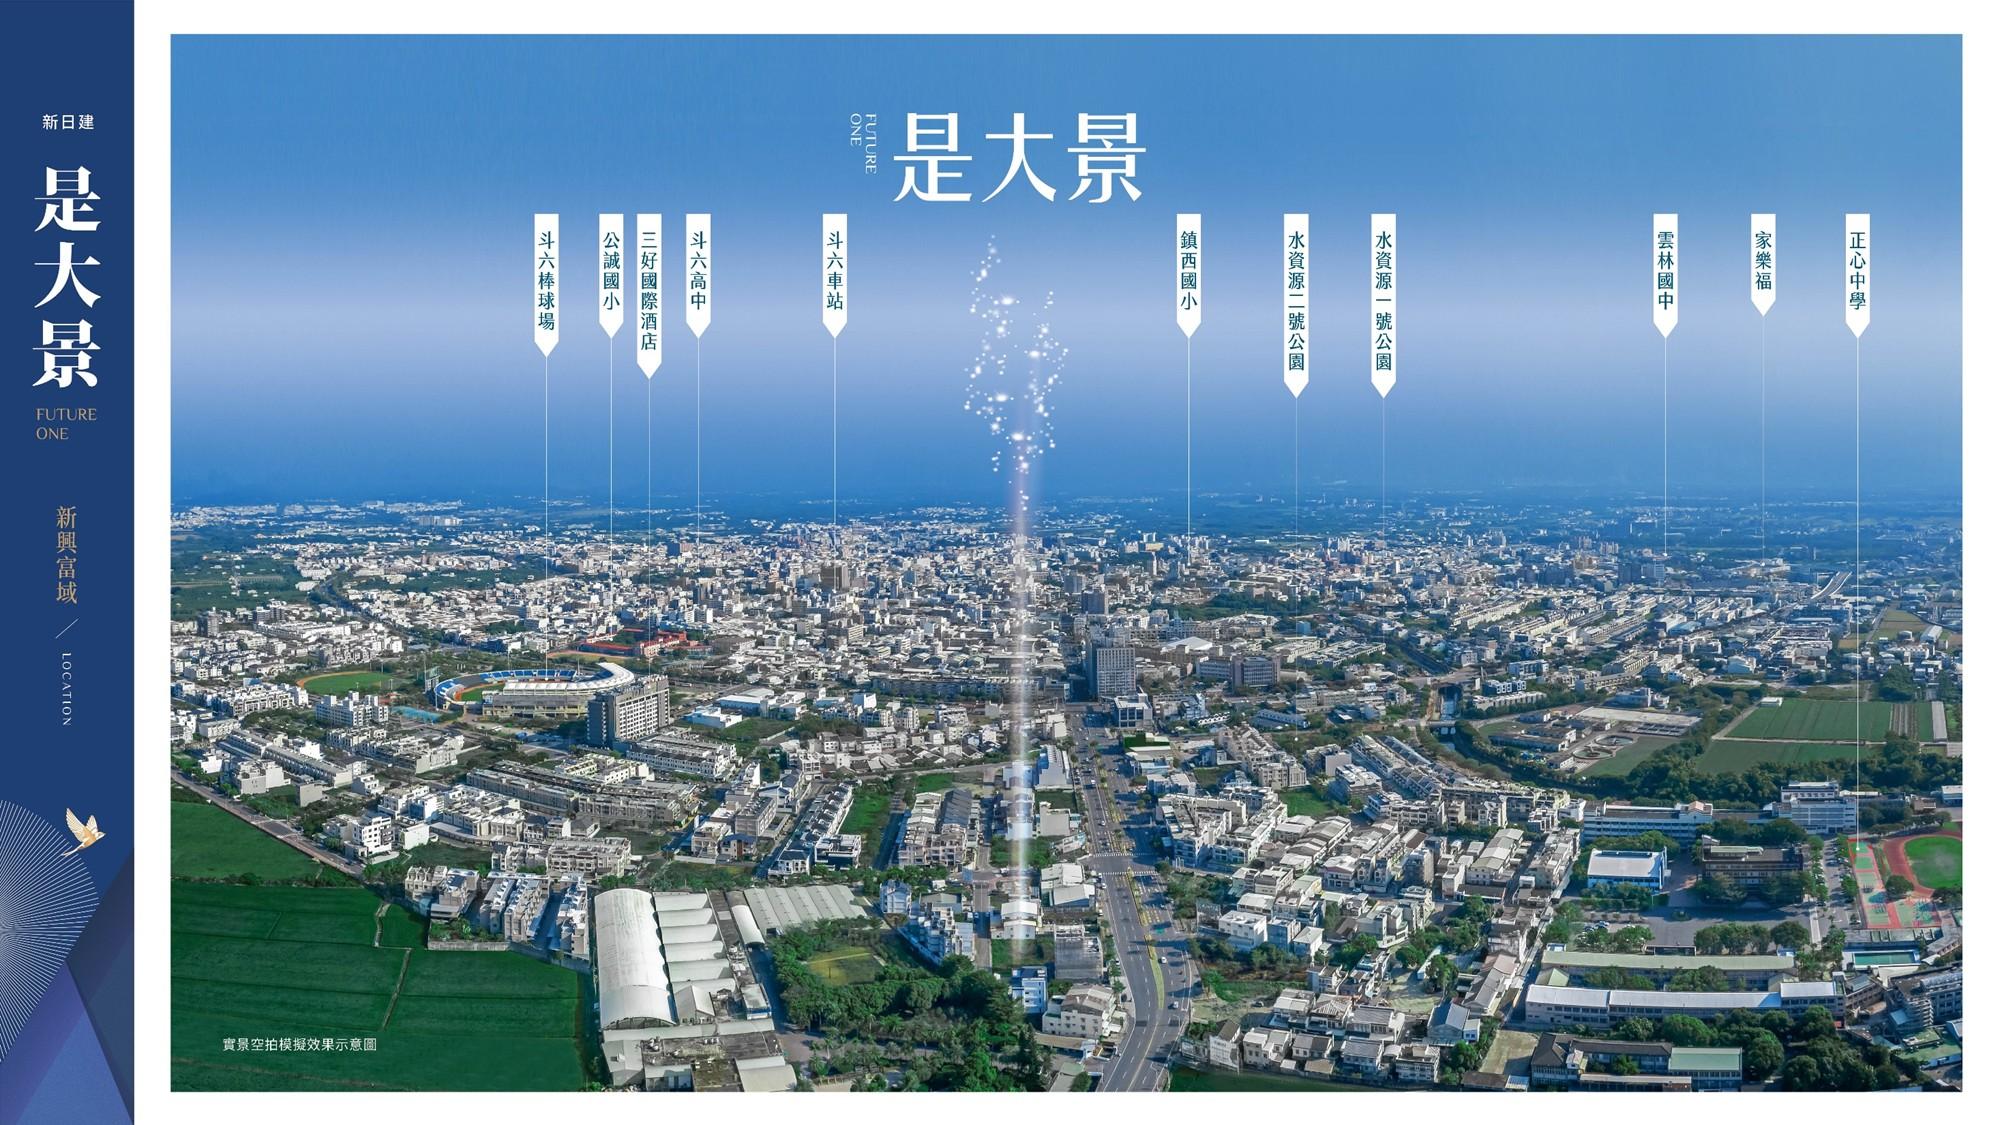 圖片:是大景 斗六棒球場森鄰地標 最適生活圈 在地人首選 熱銷建案推薦